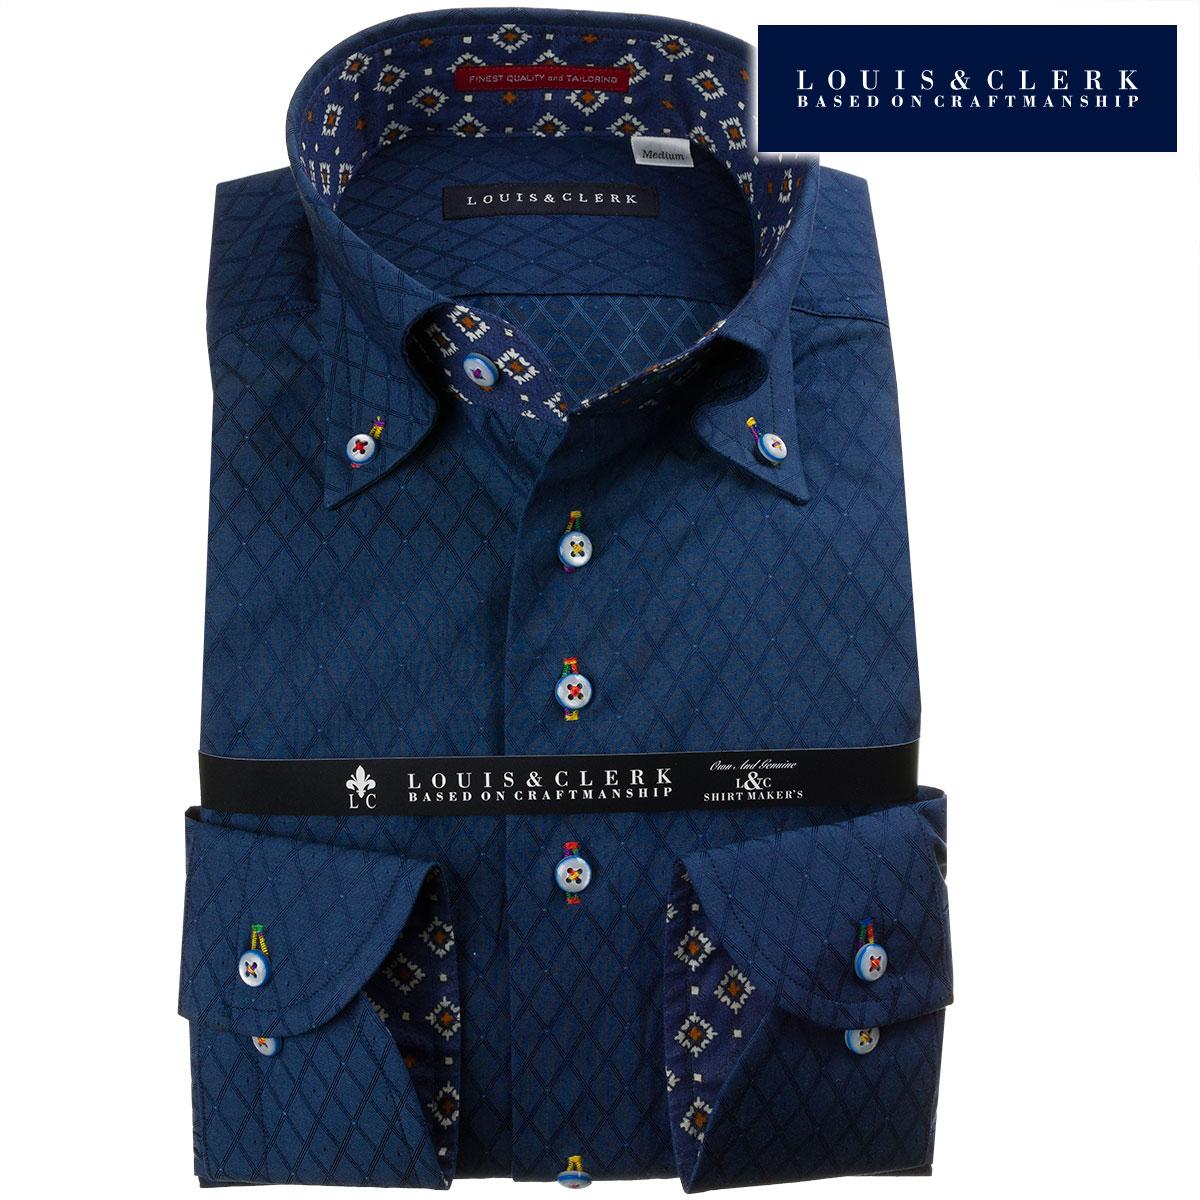 ドレスシャツ ワイシャツ シャツ メンズ 国産 長袖 ボタンダウン コンフォート 綿100% 紺 ネイビー ジャガード織ダイアチェック ピンドット fs3gm